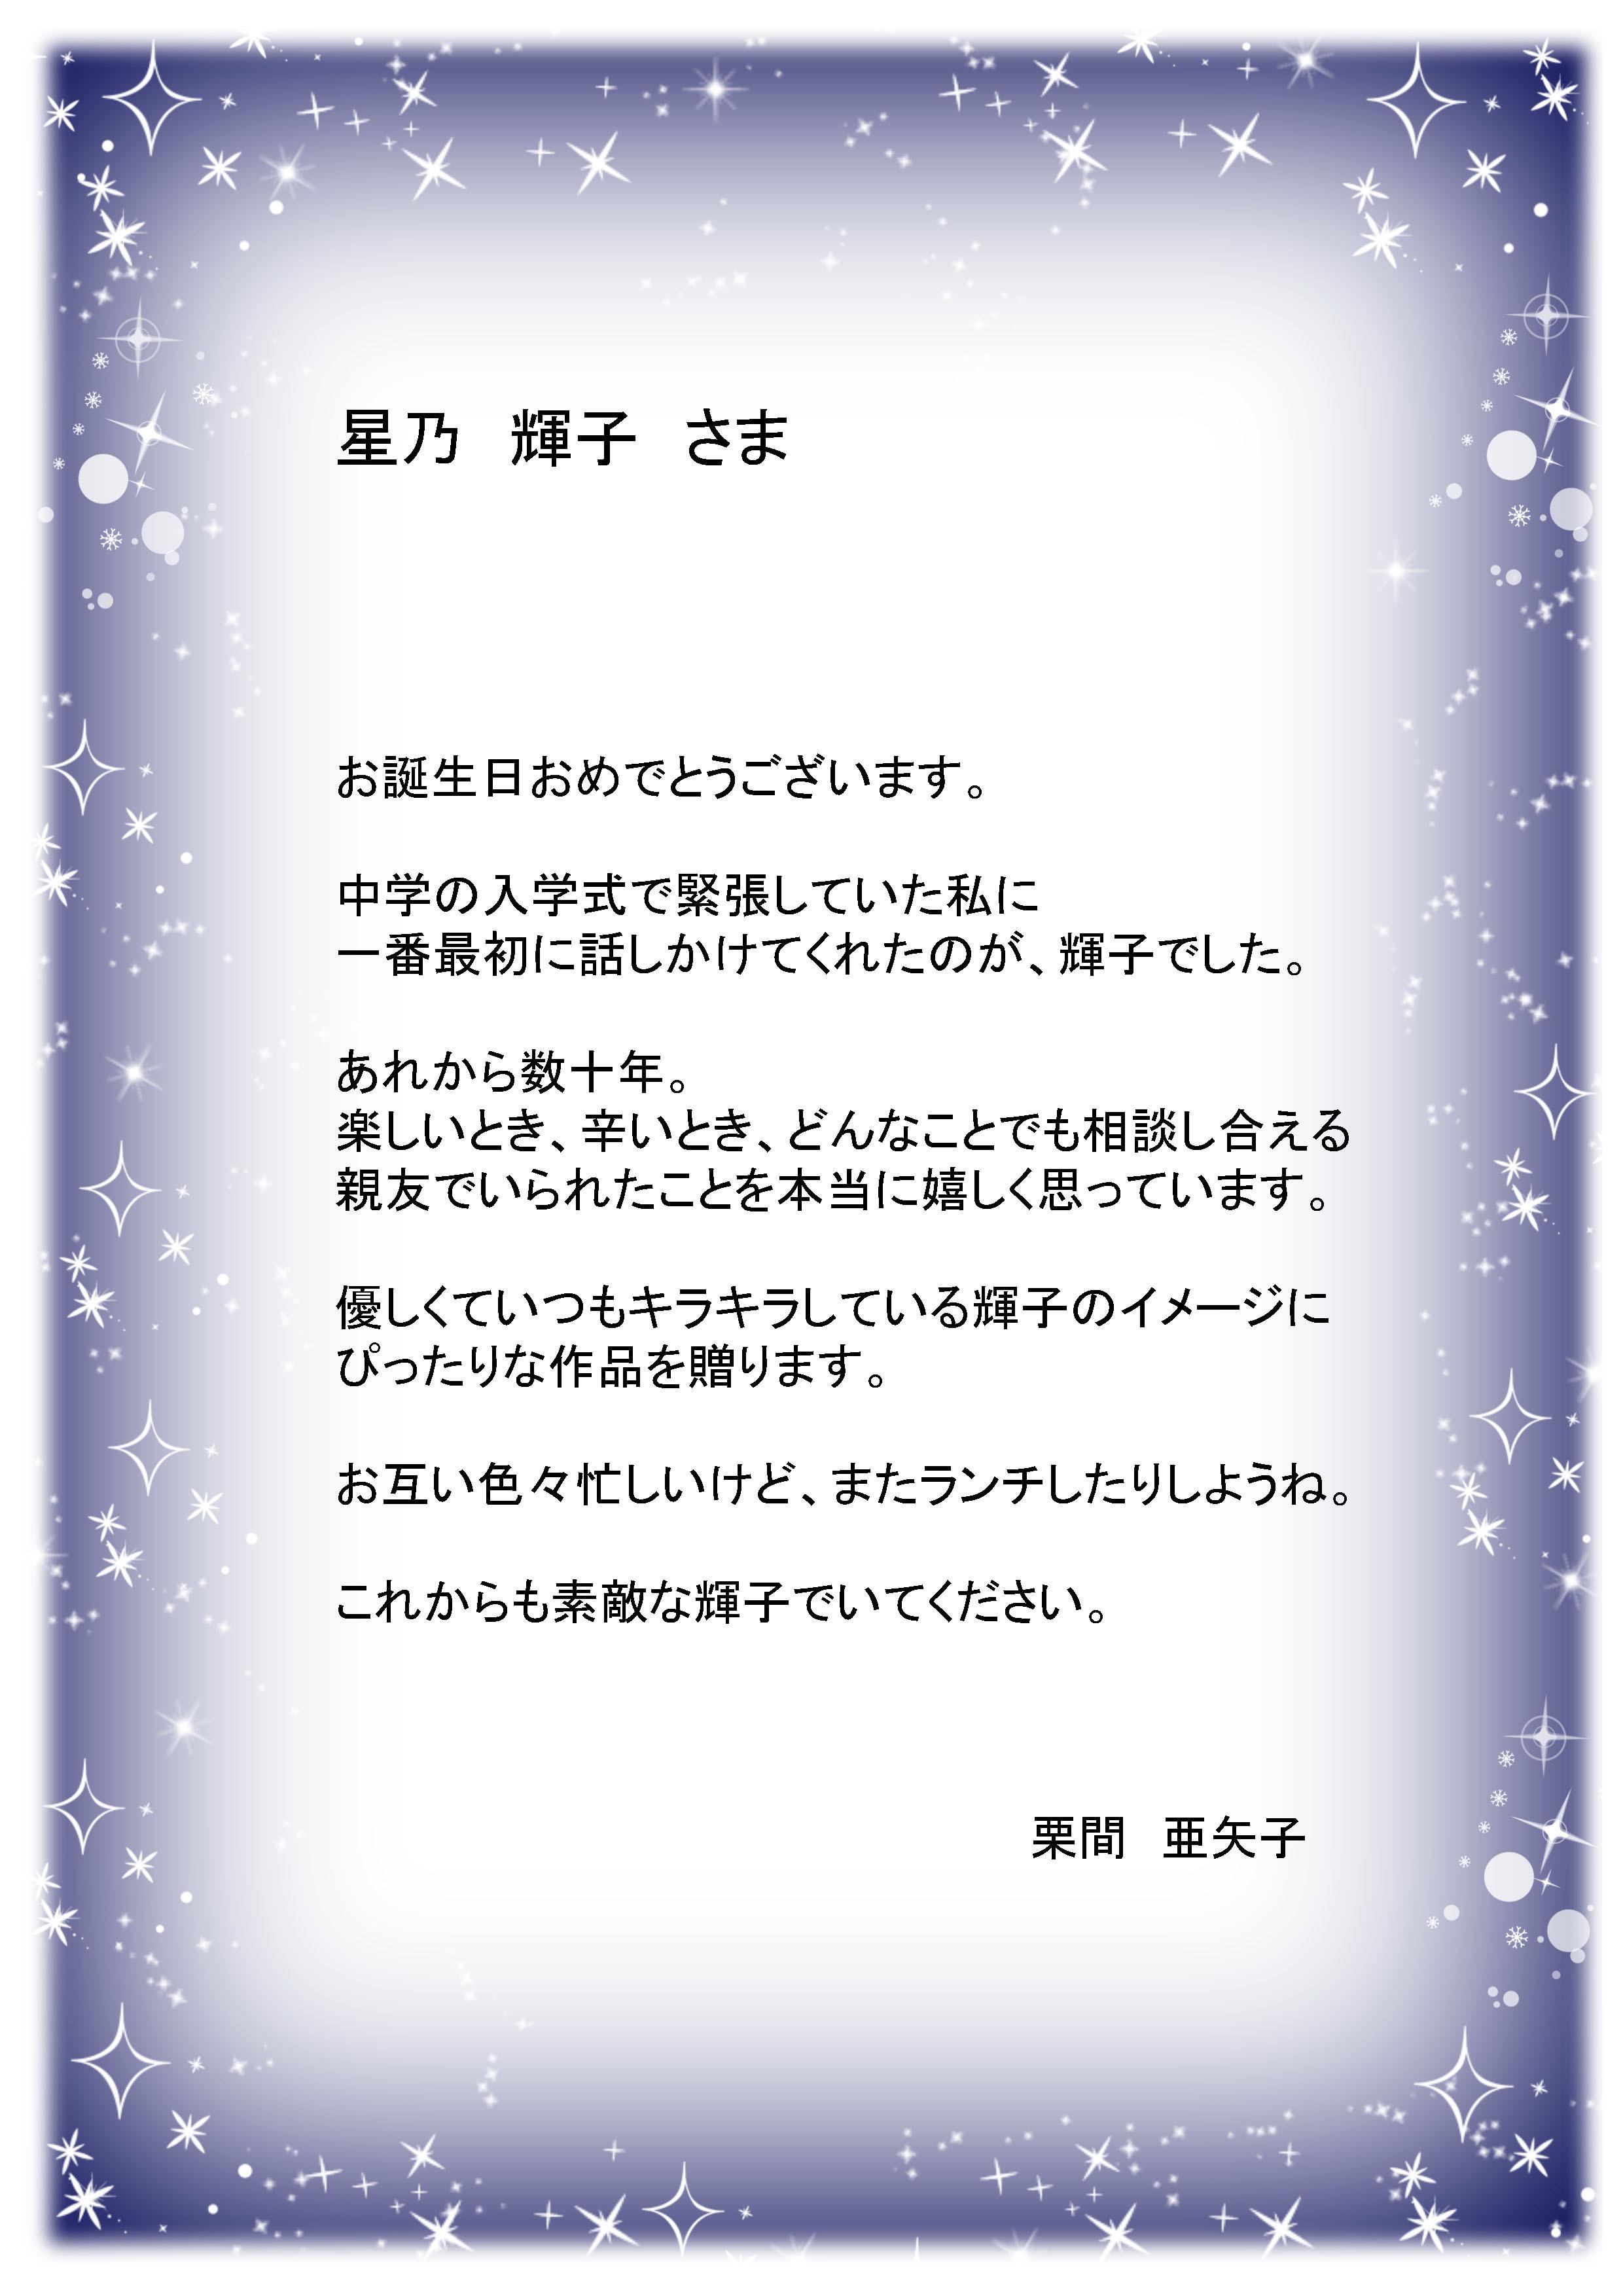 【オプション・エッチングパネル】プレゼント用メッセージレターORカード